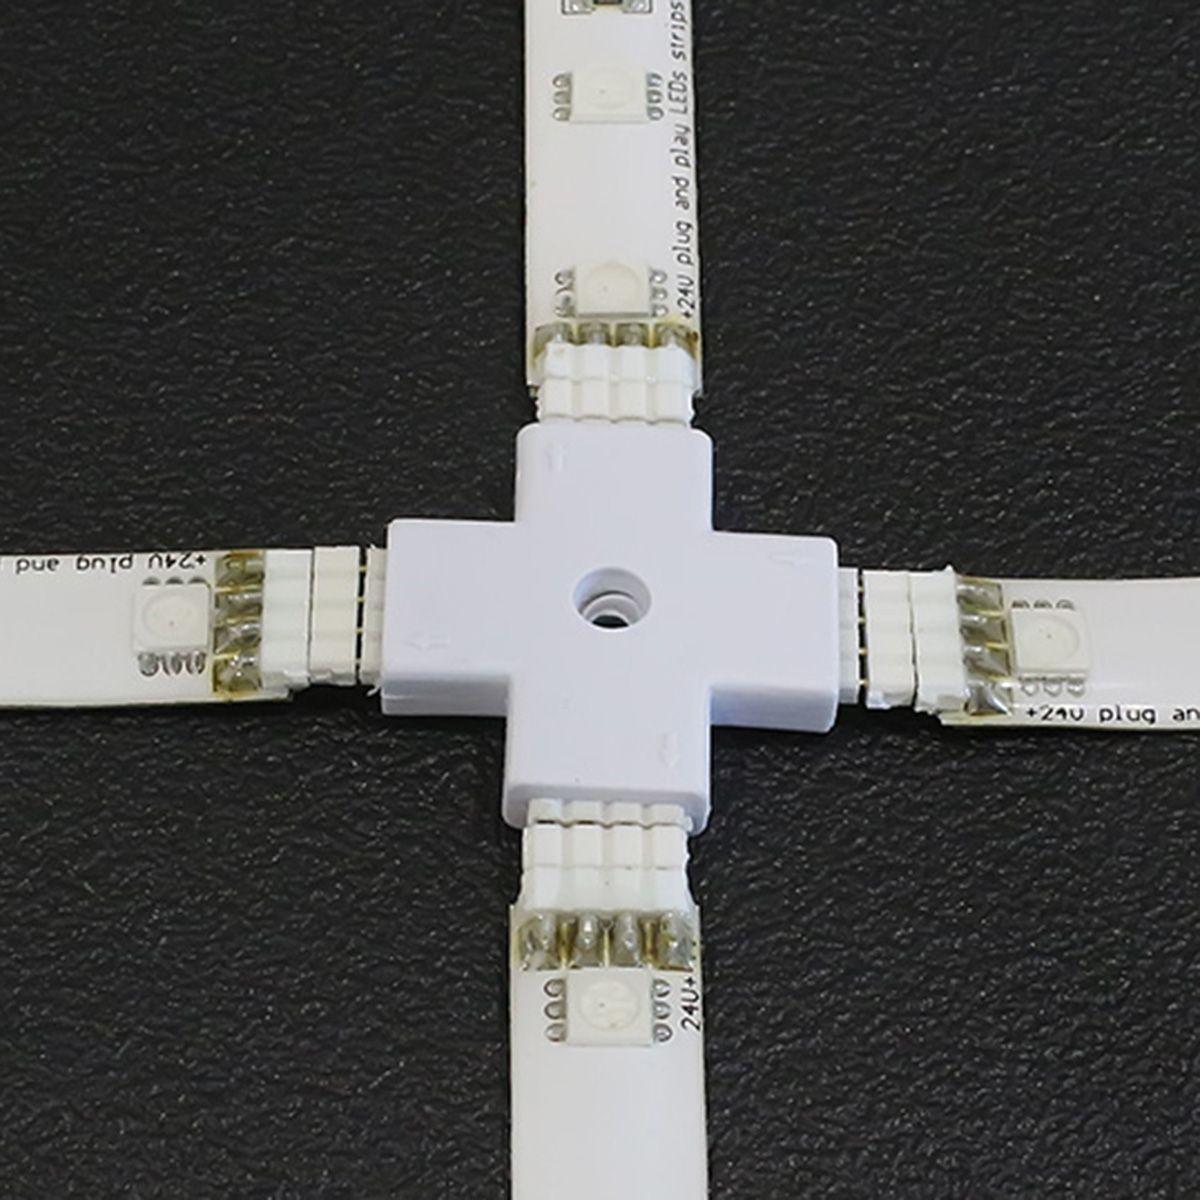 Quick-System 4polig 2.54 – Kreuzverbinder 4x4polig – weiß